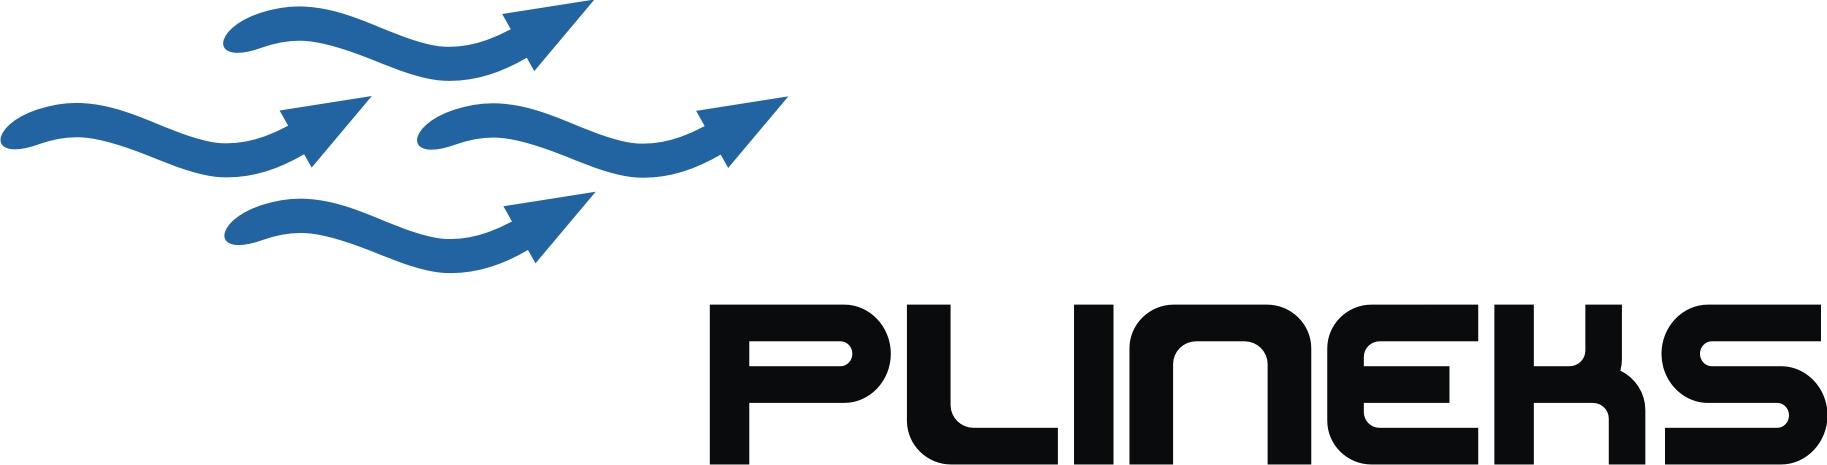 plineks-logo